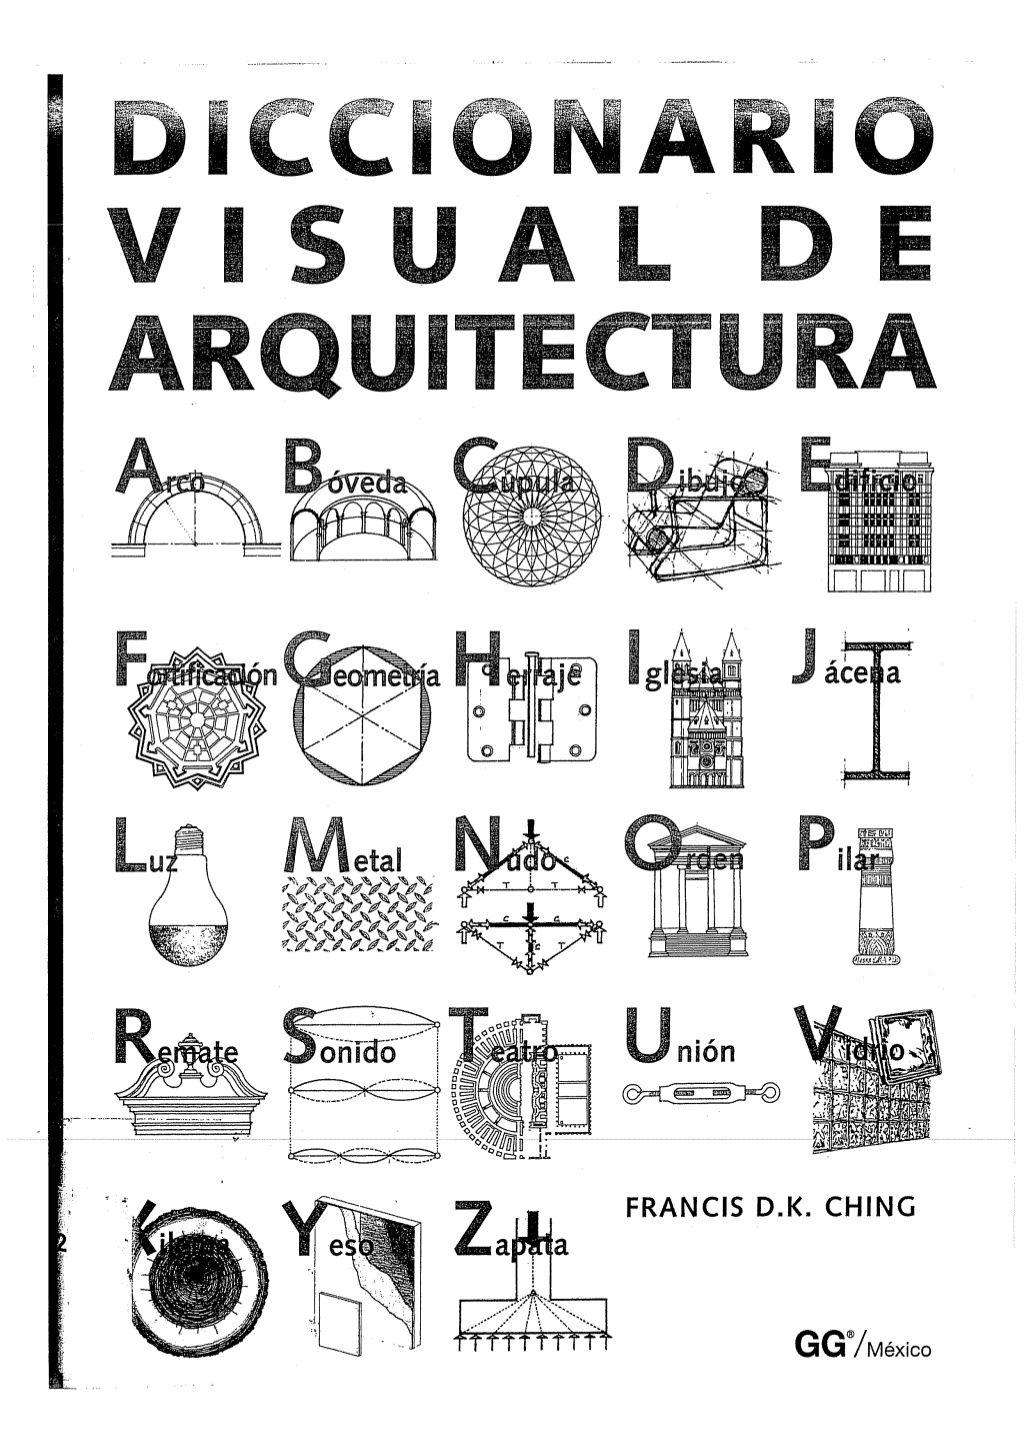 Diccionario visual de arquitectura francis d k ching by for Diccionario de arquitectura pdf